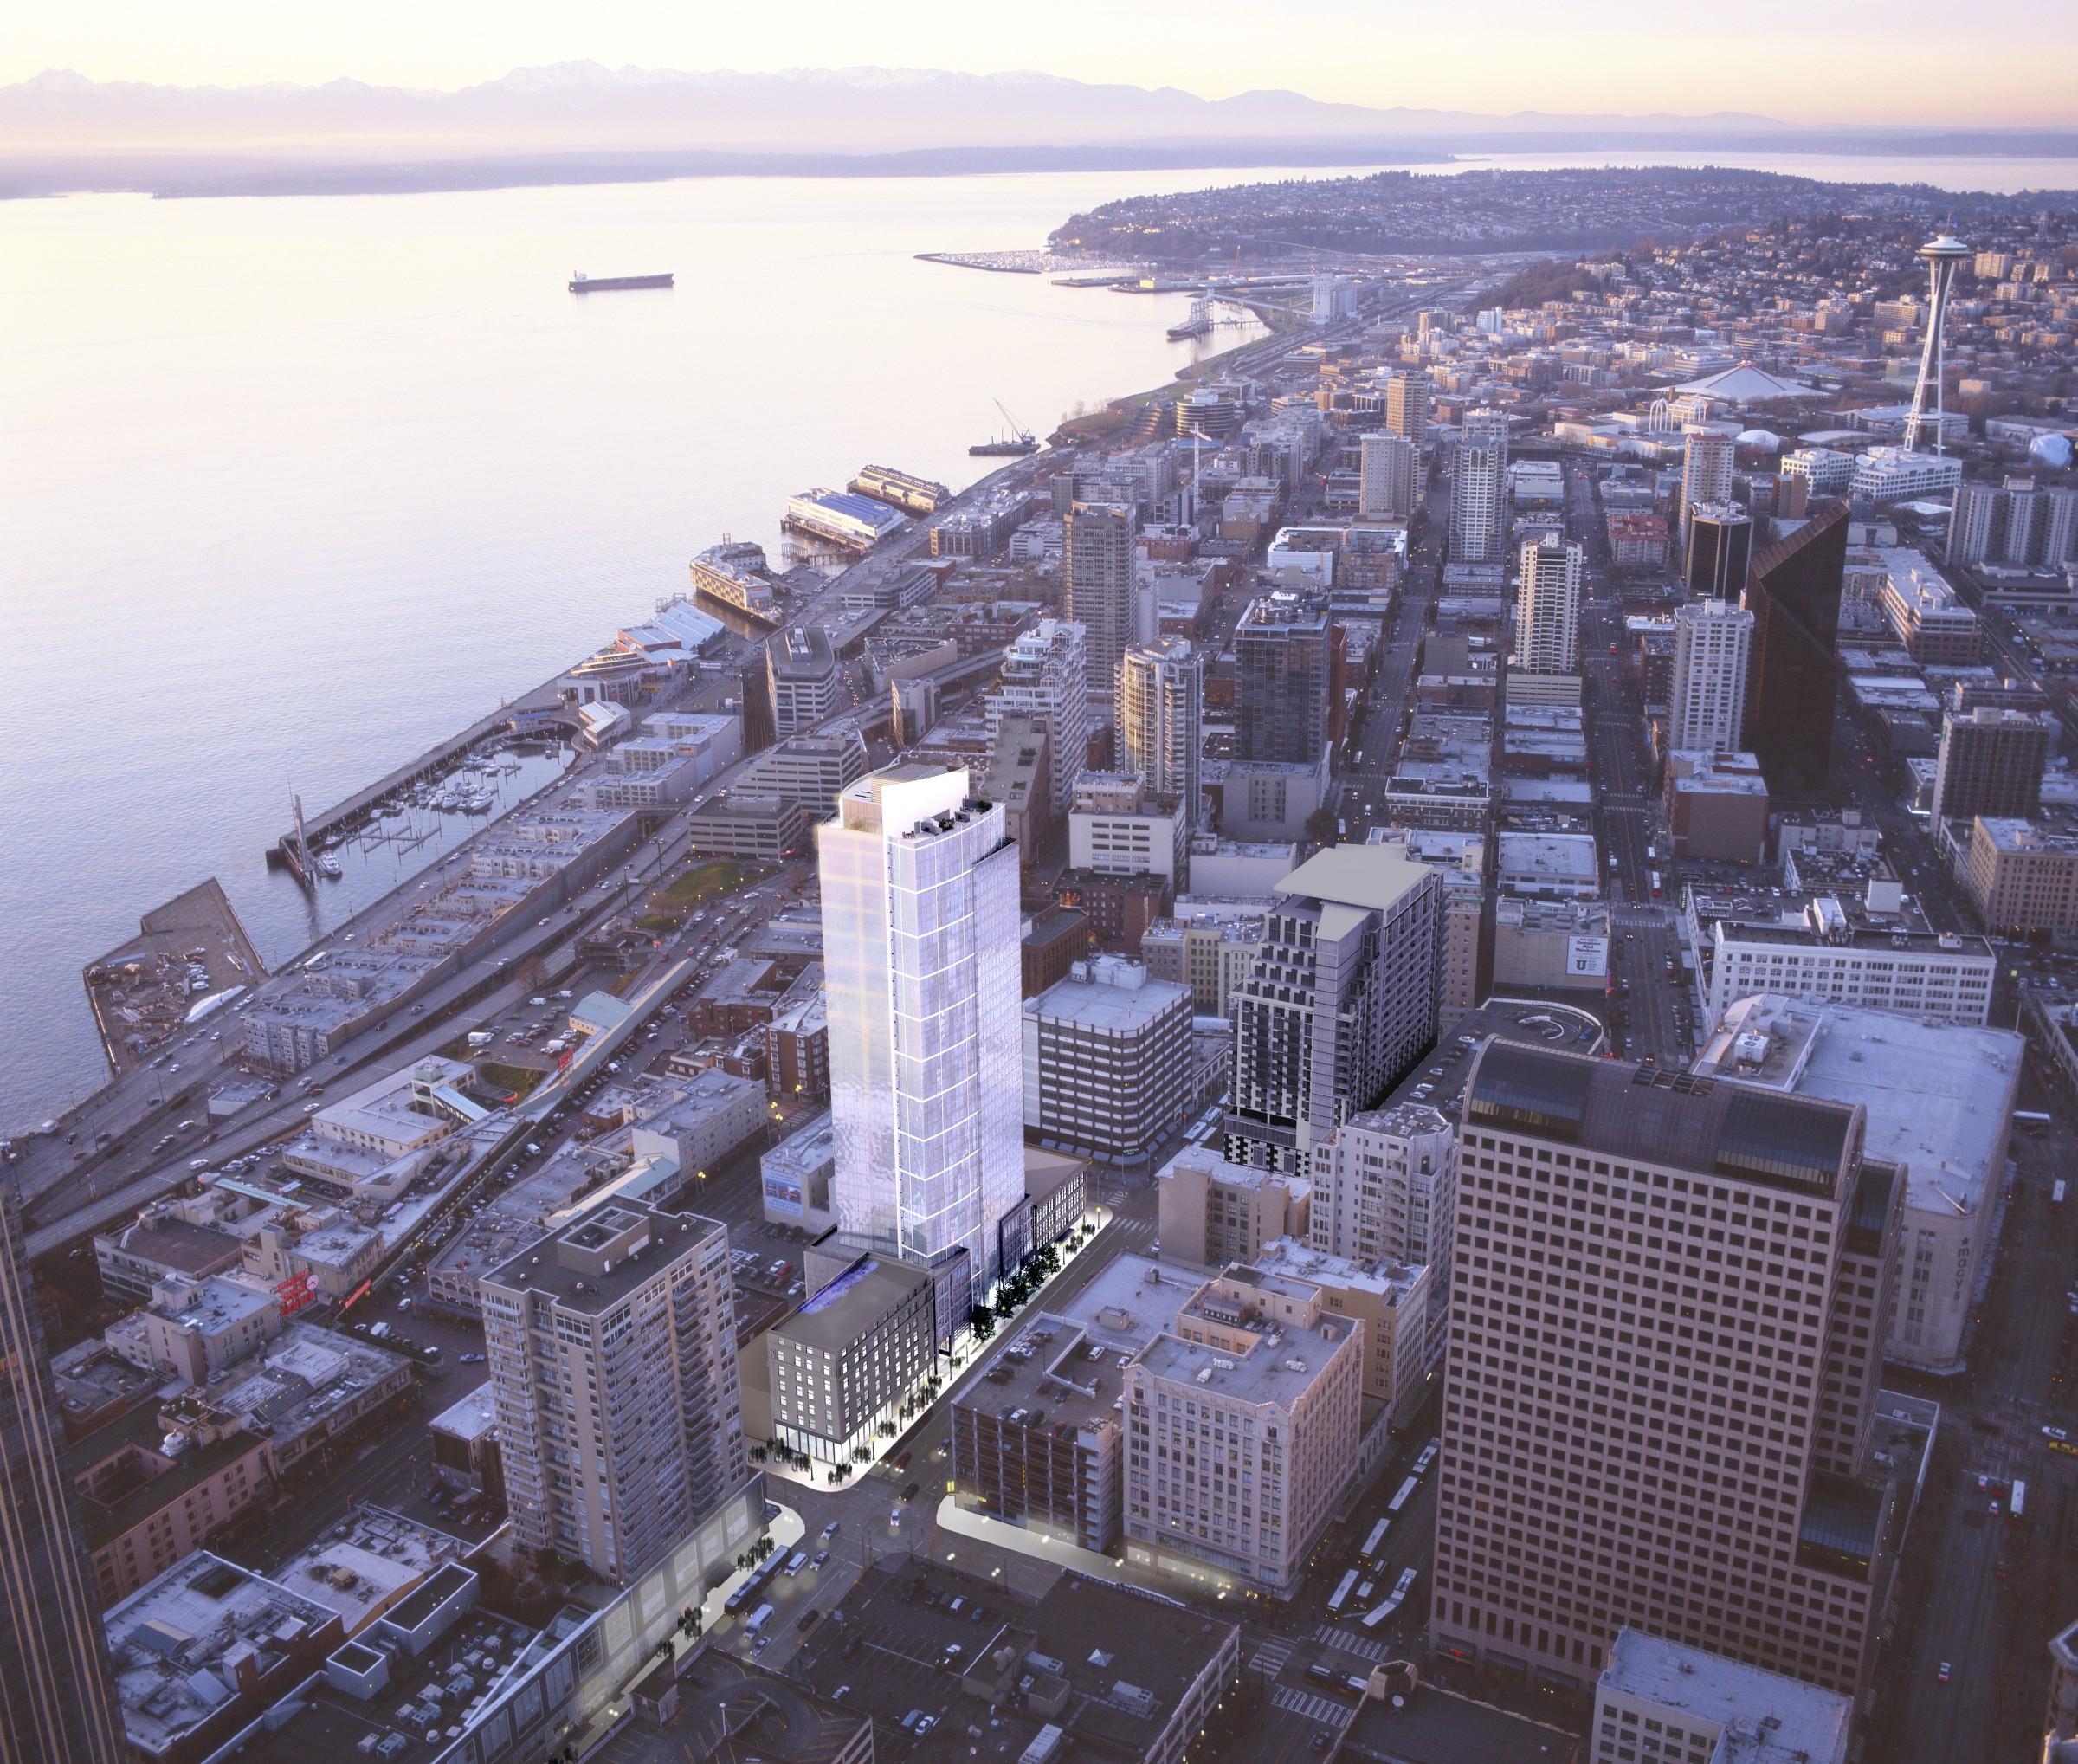 1521_Aerial.jpg